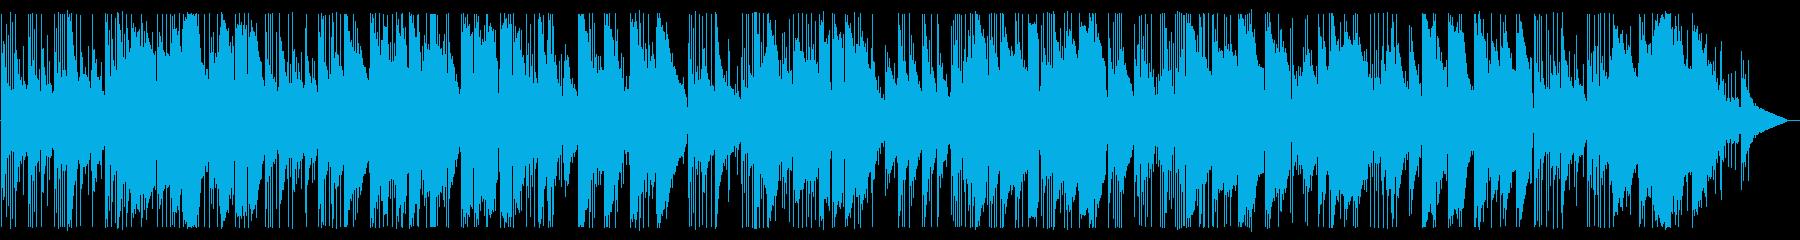 ギターデュオのイージーリスニングの再生済みの波形